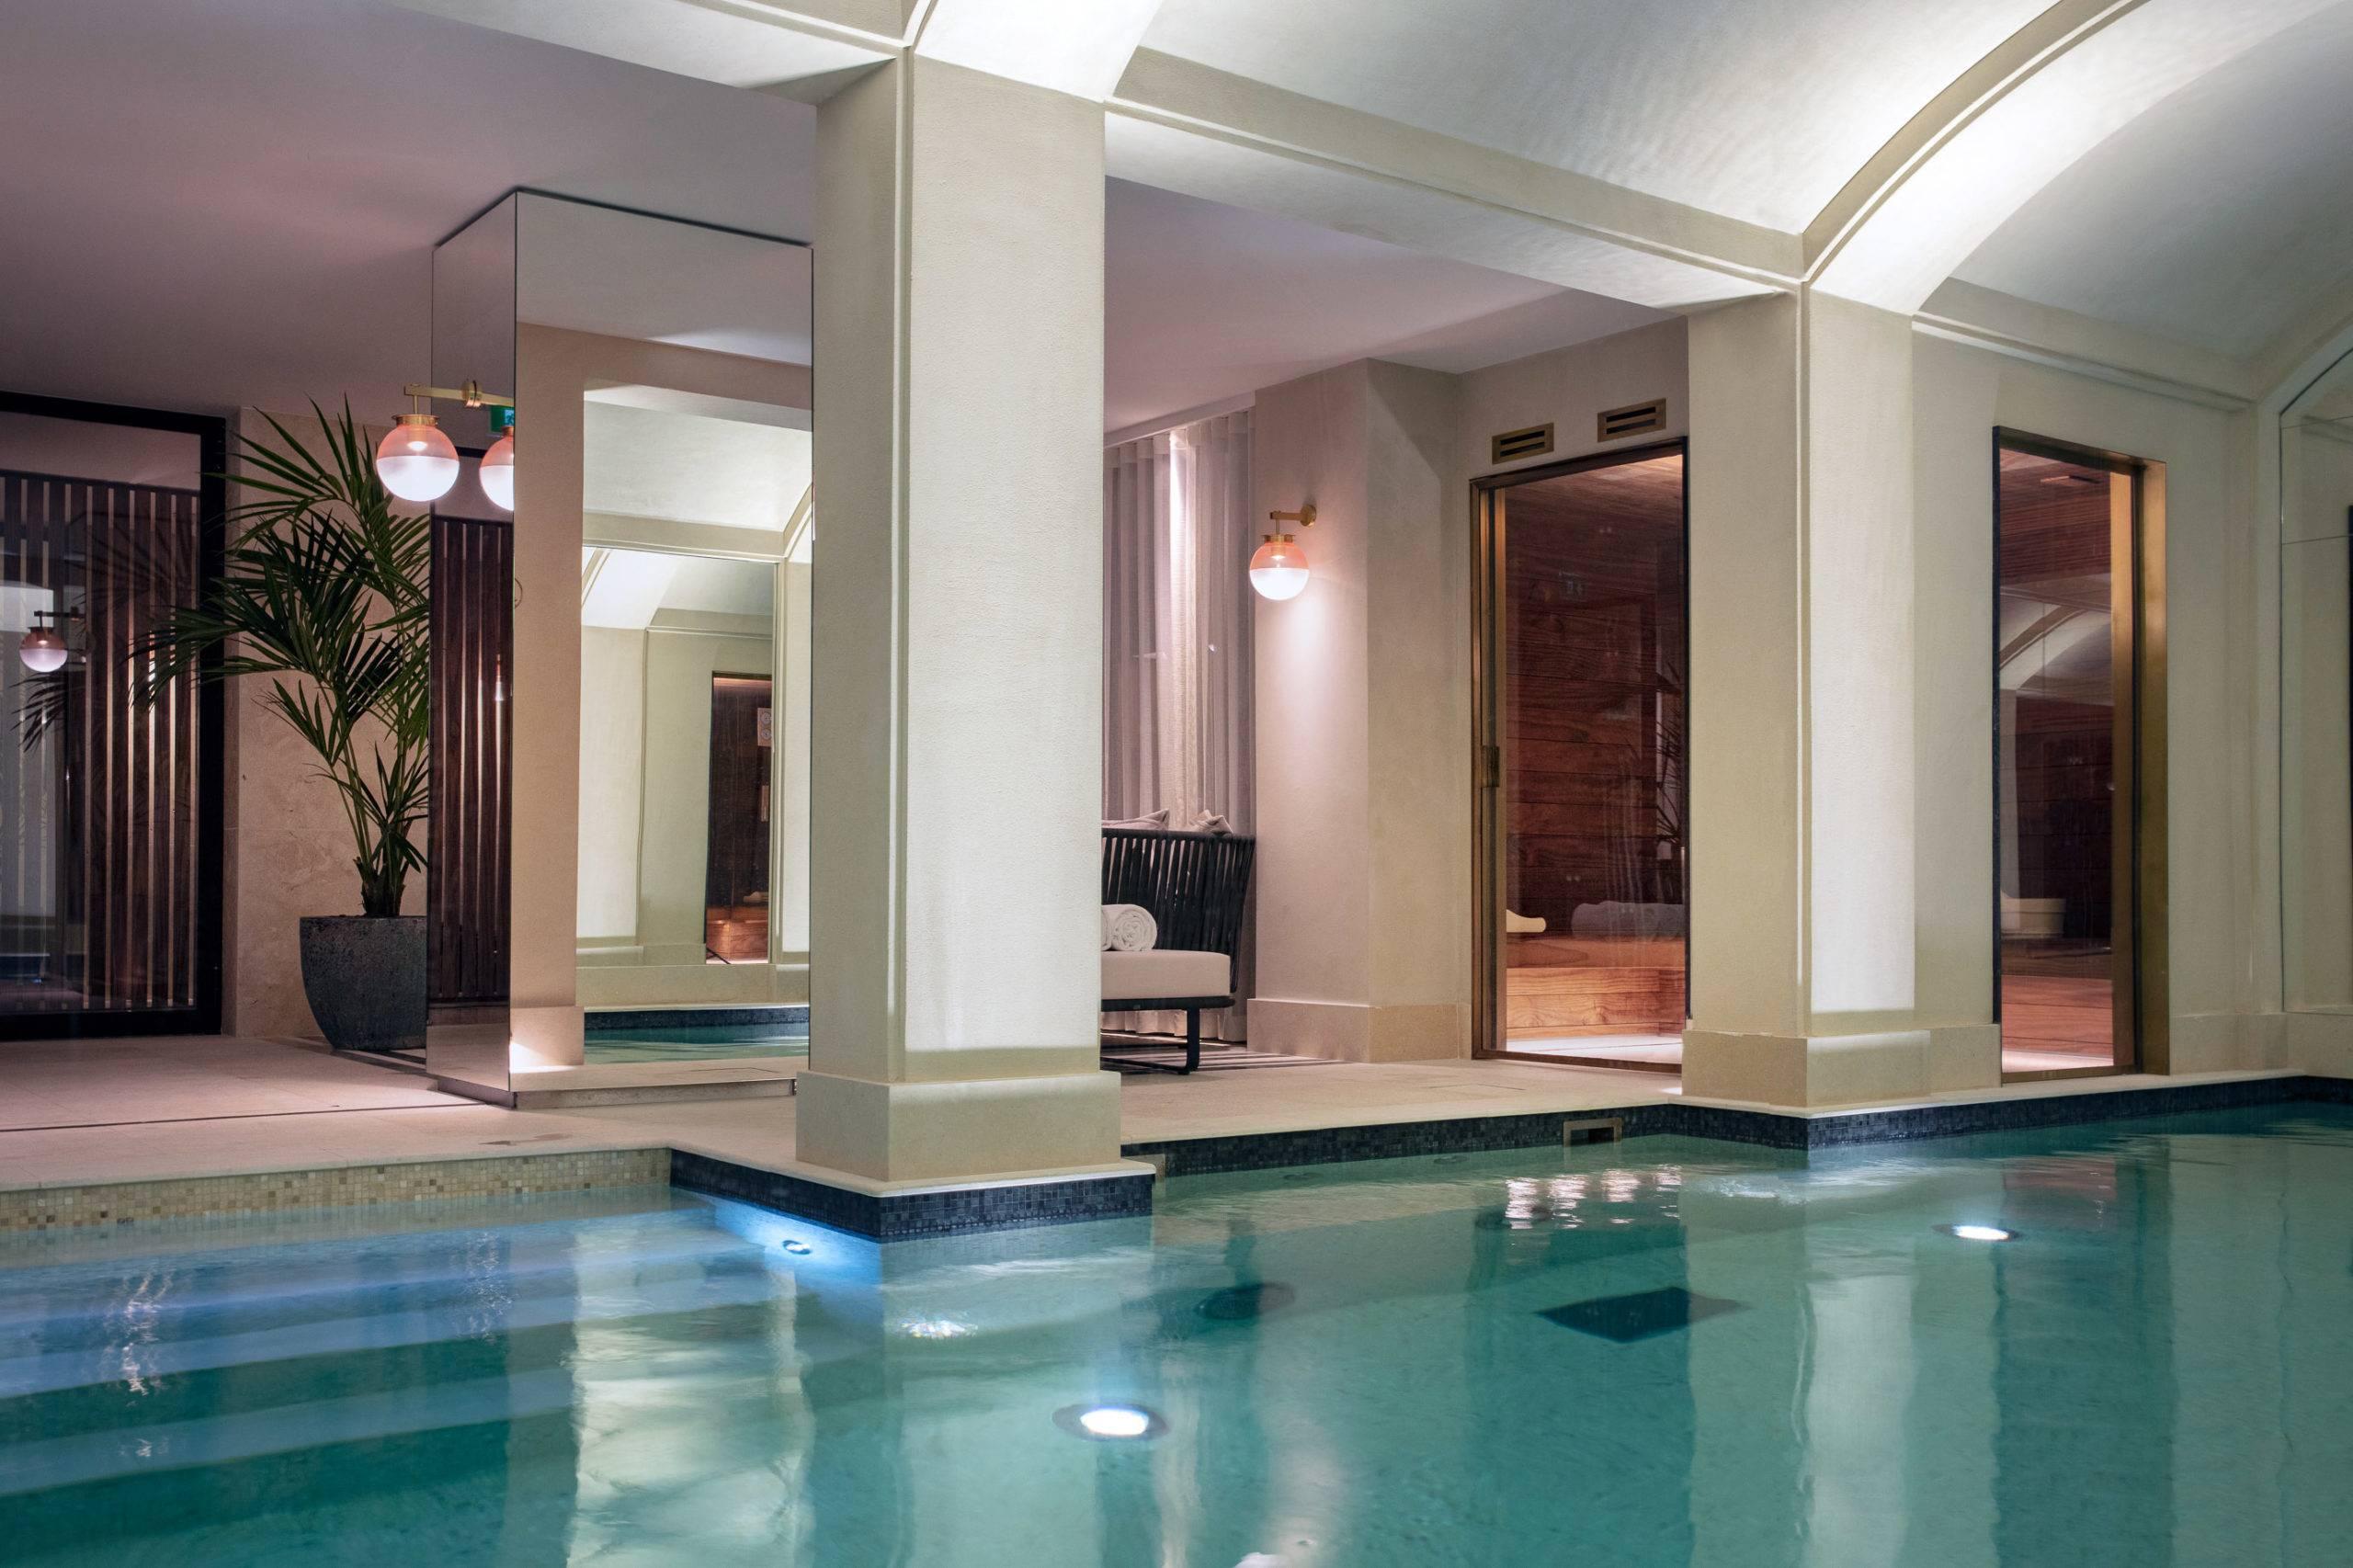 3-hotels-spa-a-Paris-pour-profiter-pleinement-de-votre-sejour-7